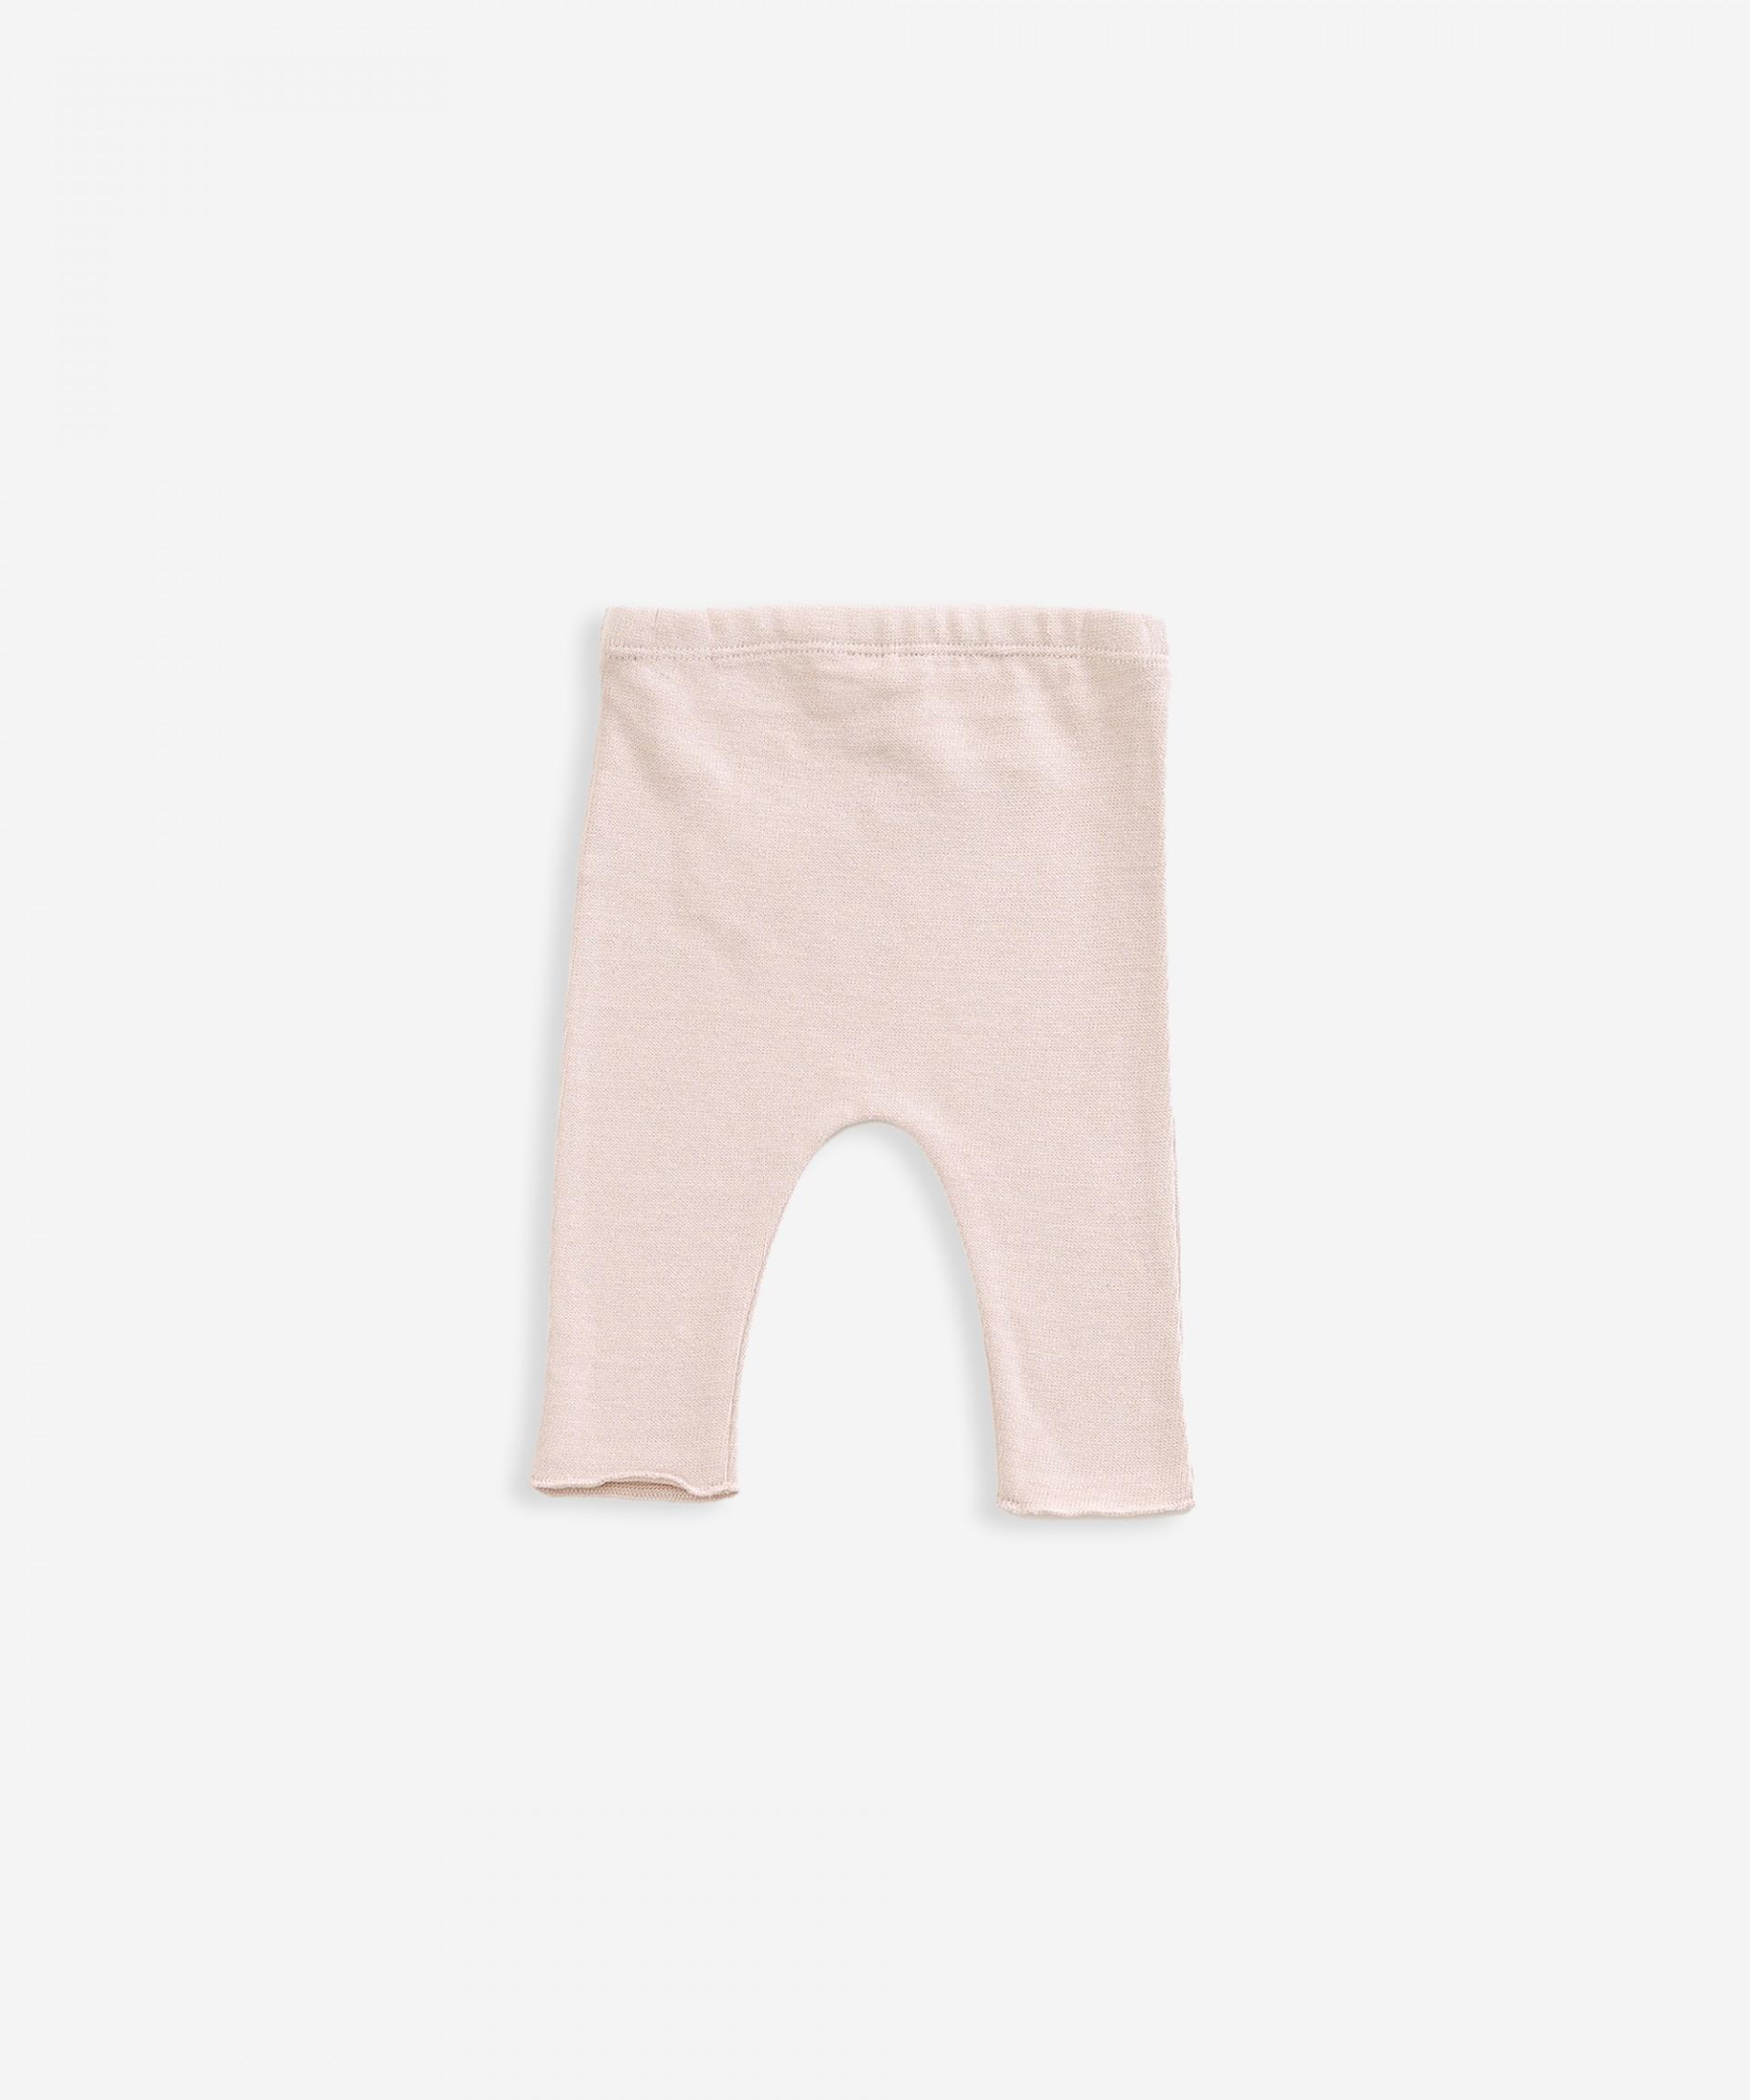 Pantaloni in maglia con bottone decorativo | Weaving